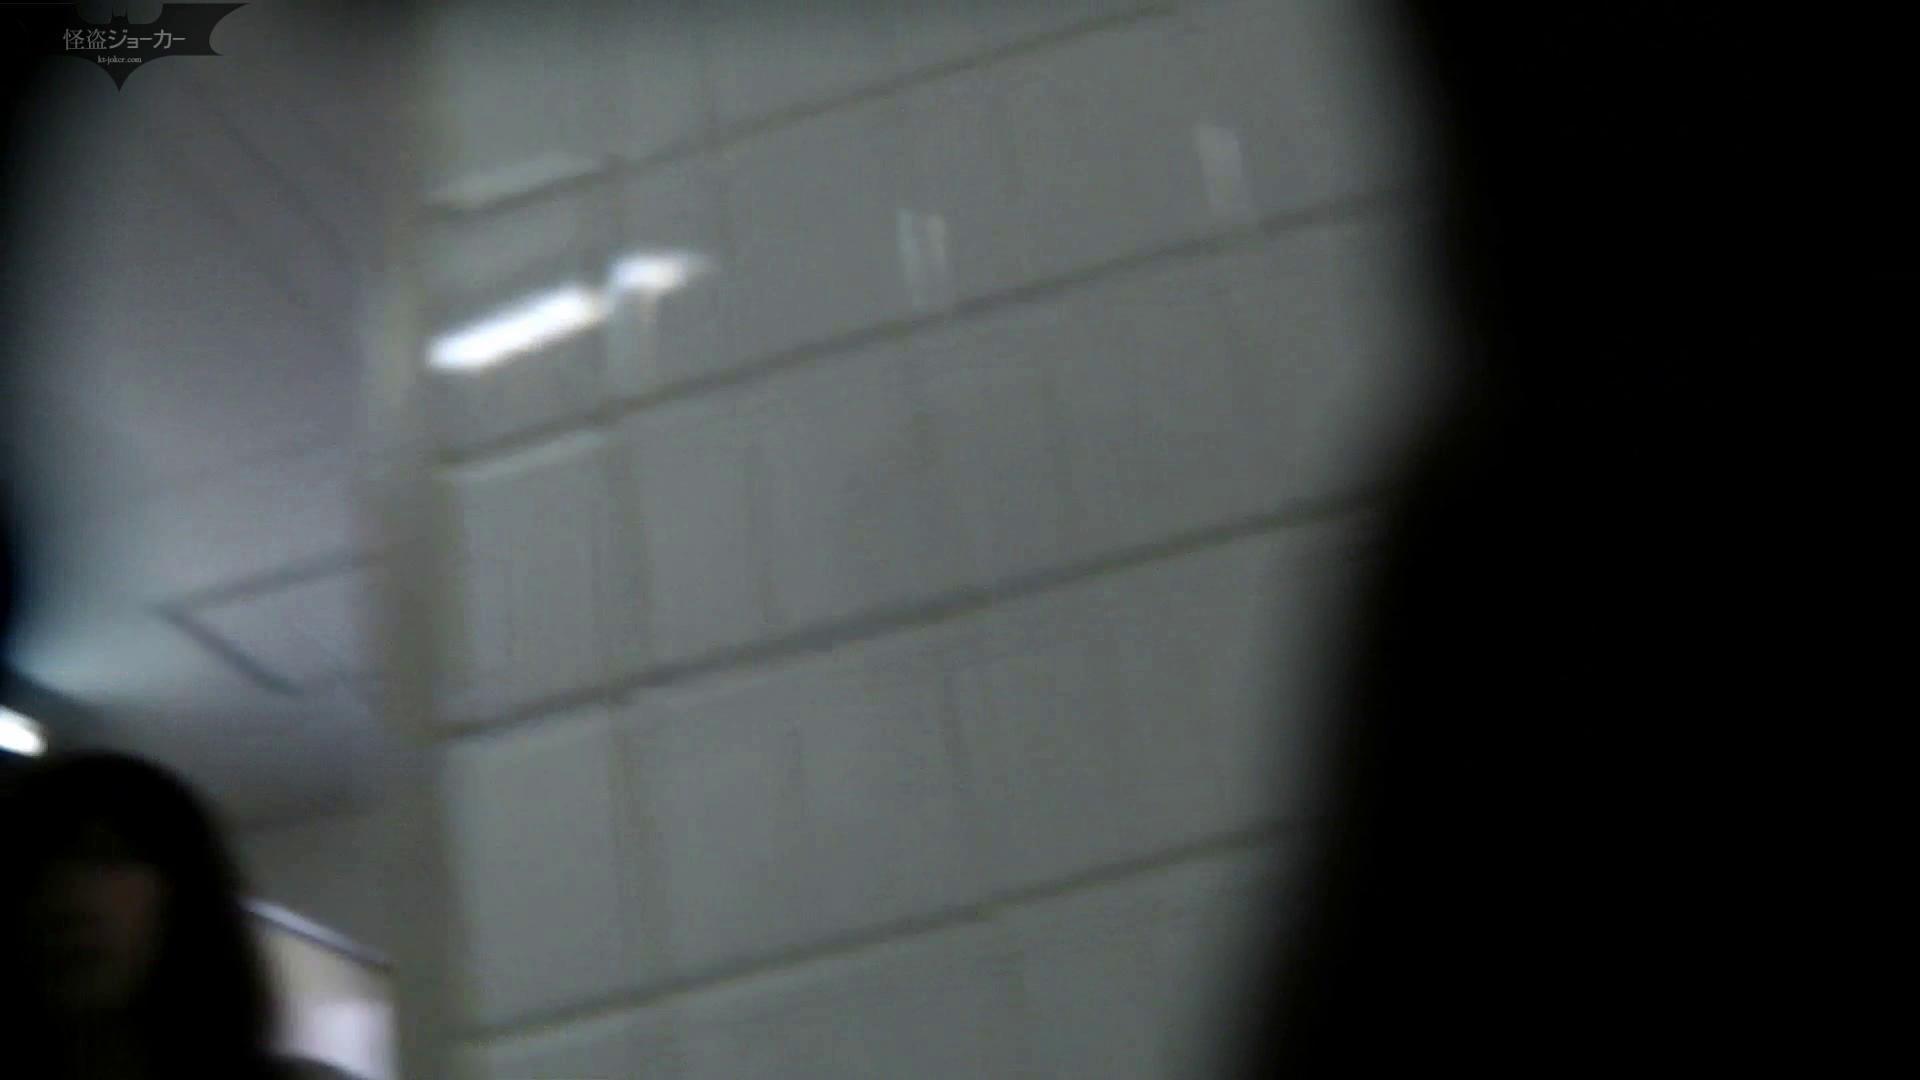 【美しき個室な世界】洗面所特攻隊 vol.046 更に進化【2015・07位】 盛合せ オマンコ動画キャプチャ 96枚 87